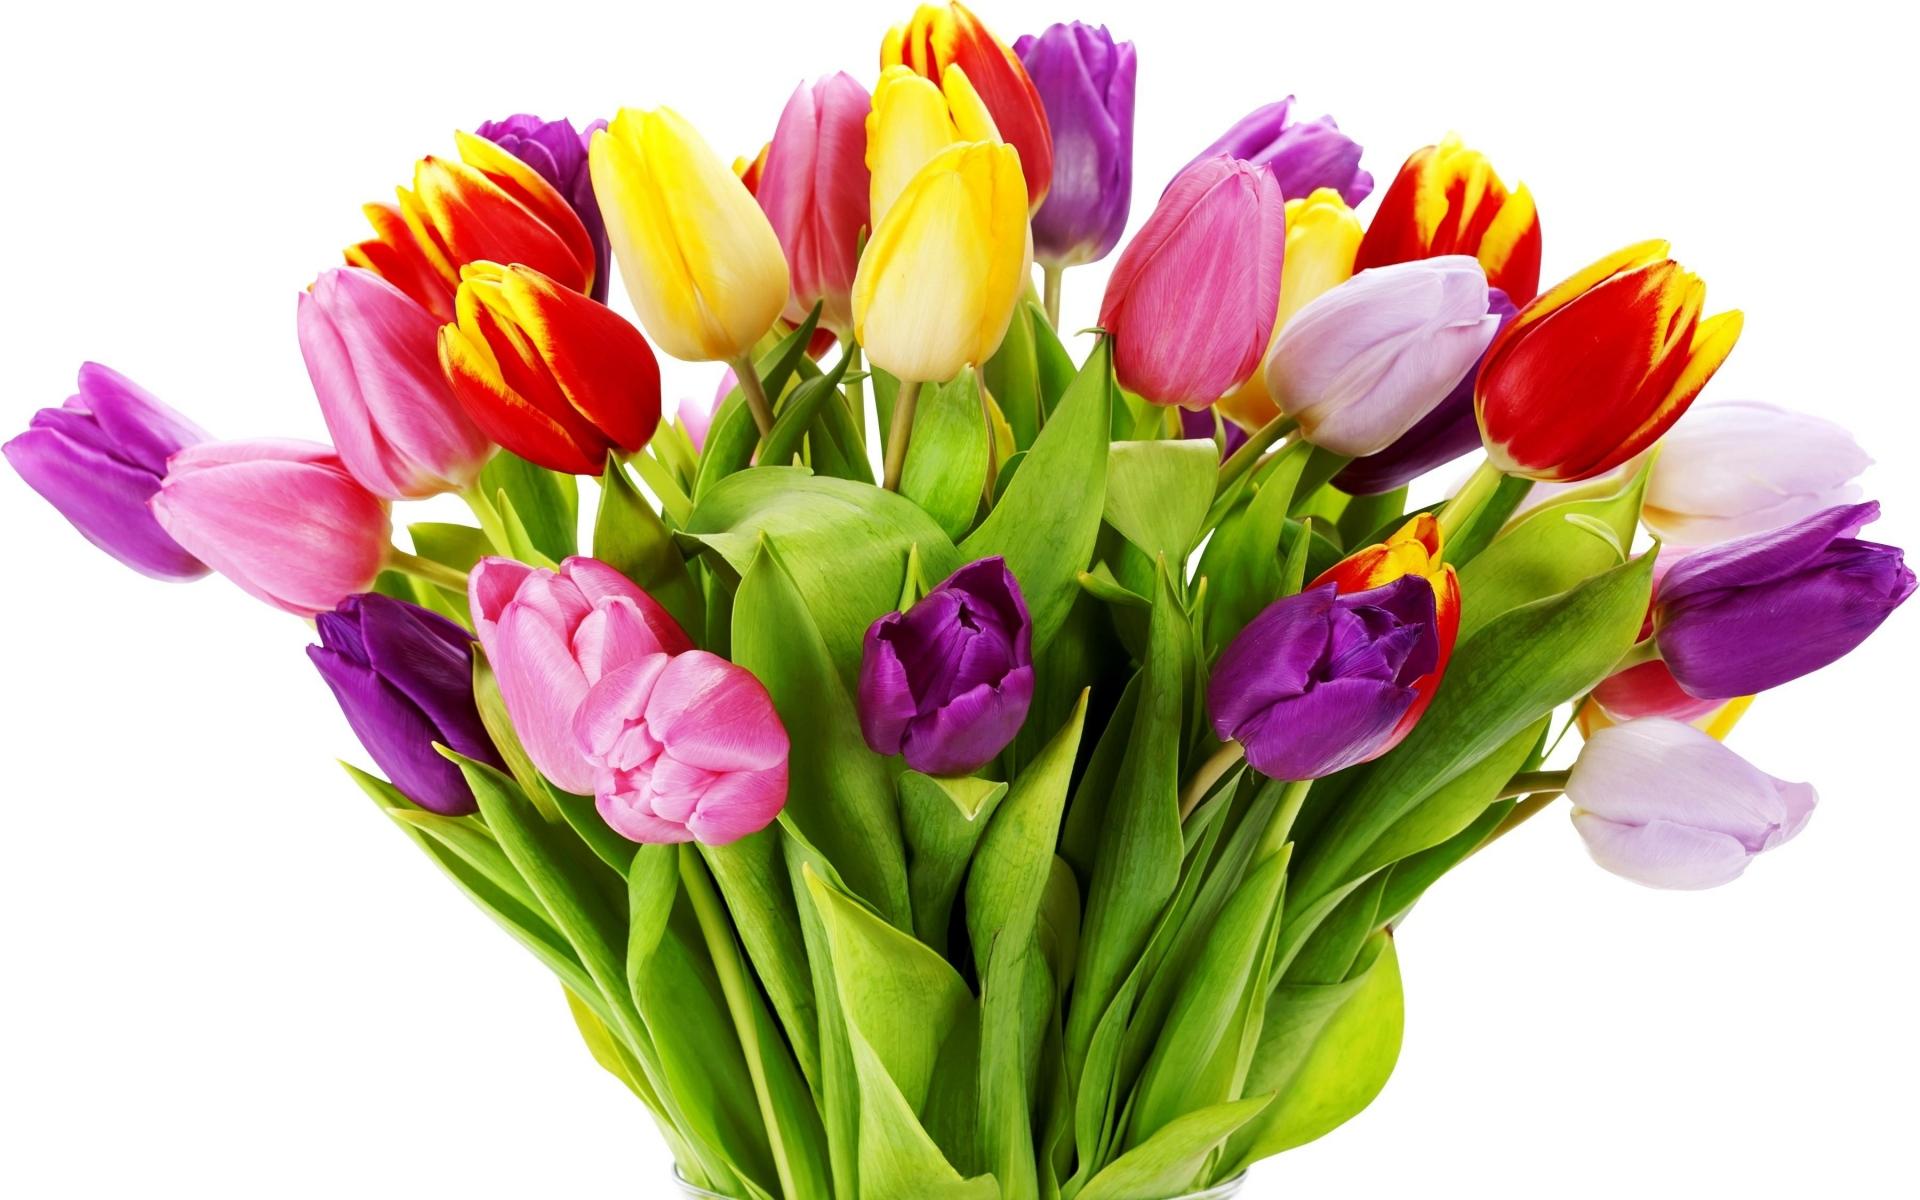 Картинки Тюльпаны, цветы, букет, яркие, ваза, белый фон фото и обои на рабочий стол